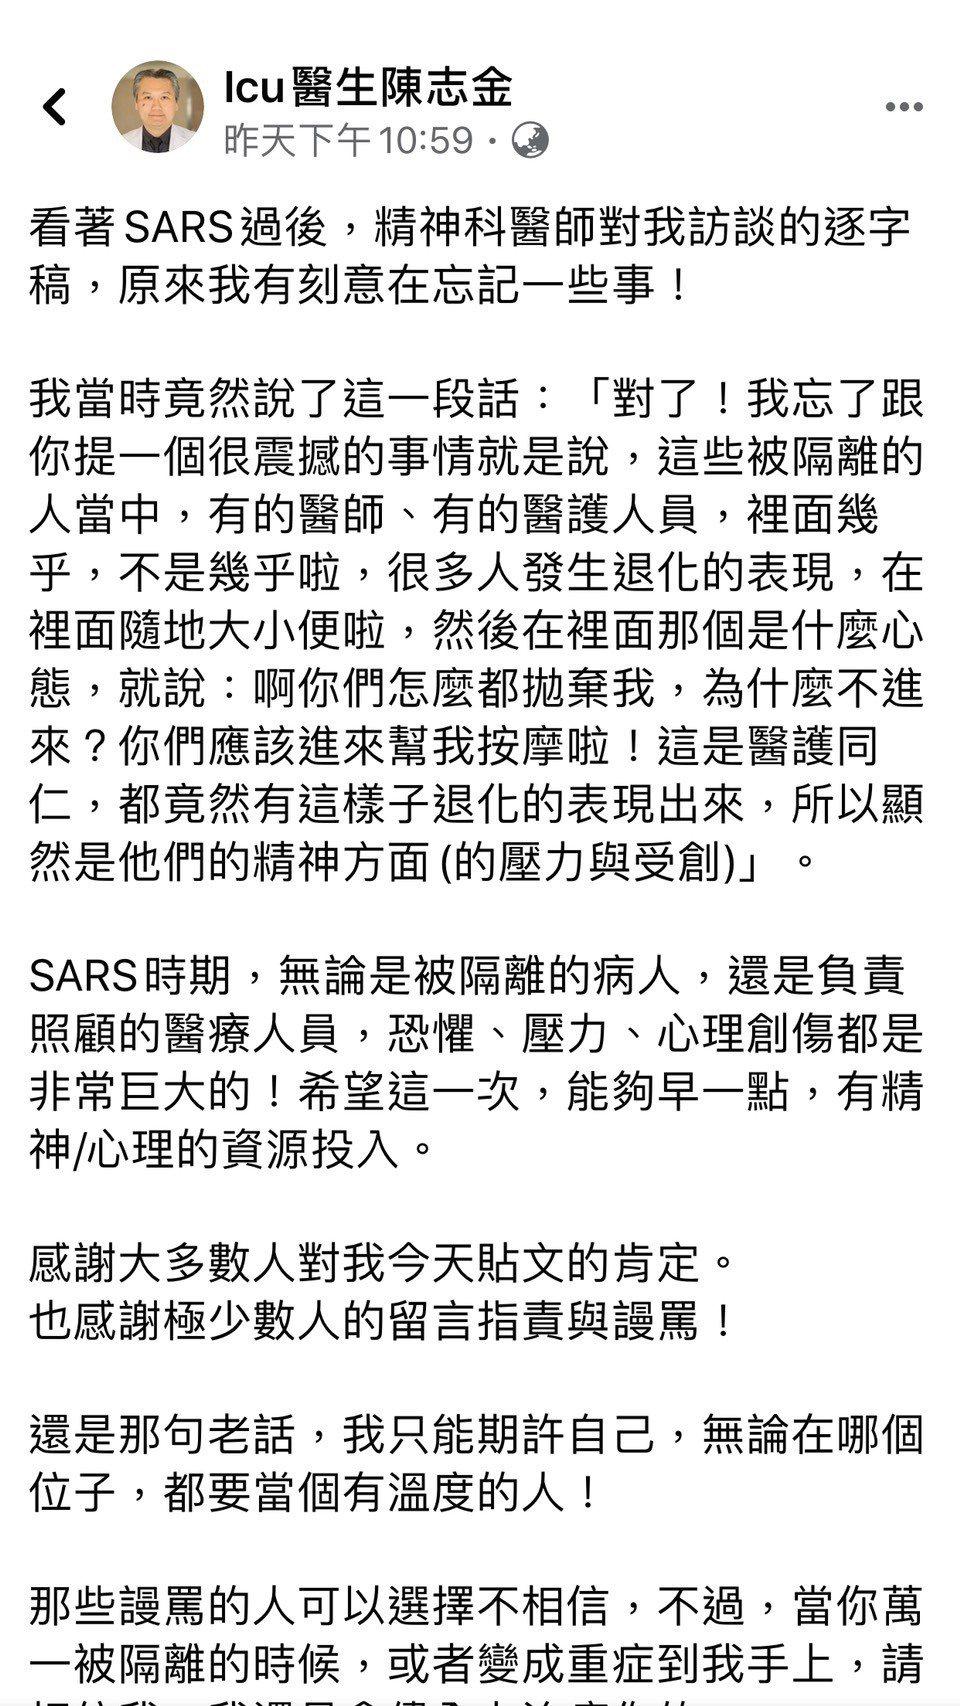 陳志金在臉書上的發文。圖/截自ICU醫生陳志金臉書